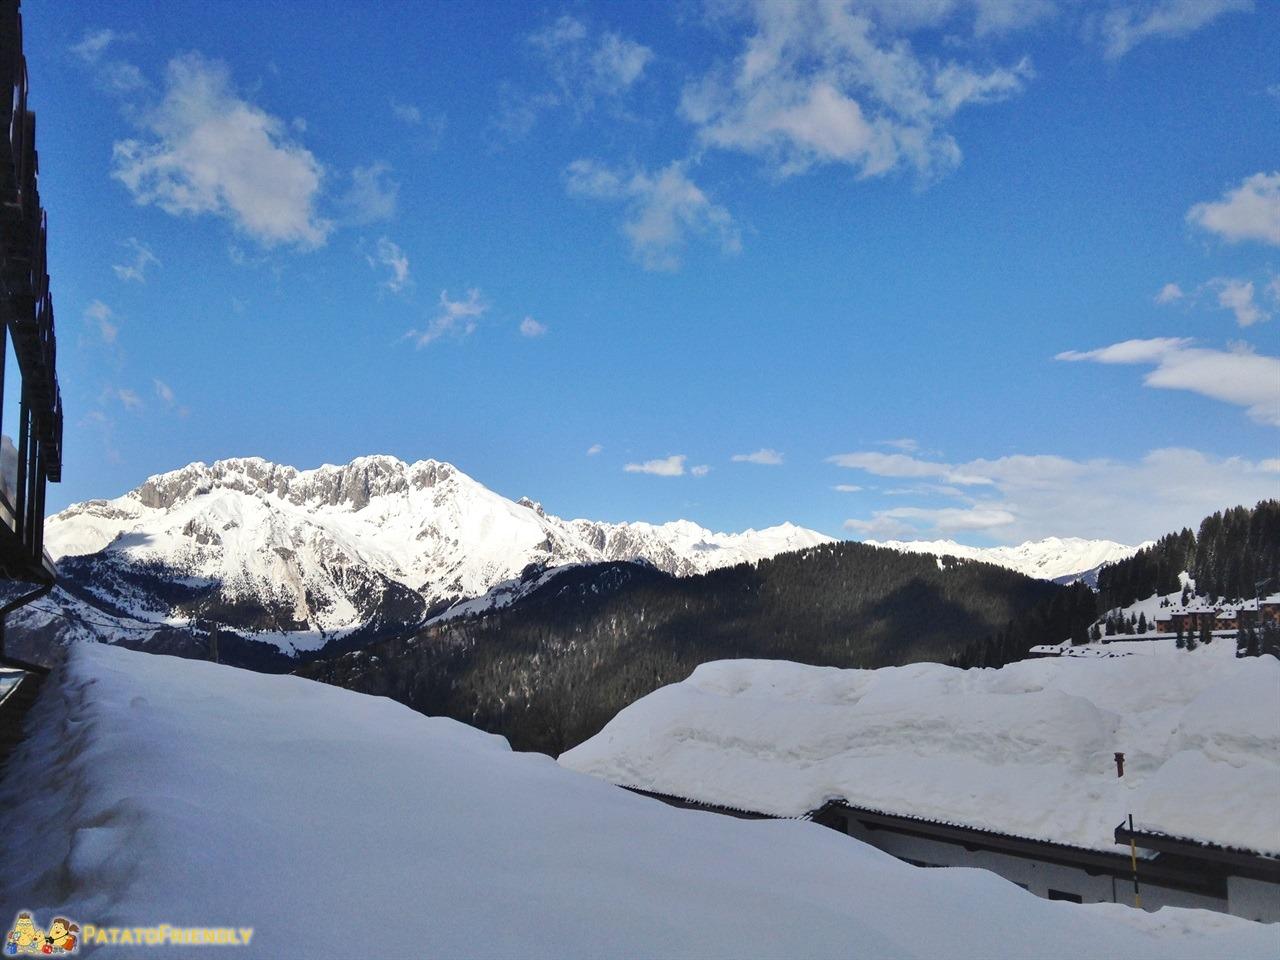 Monte Pora - Il panorama sulle montagne innevate